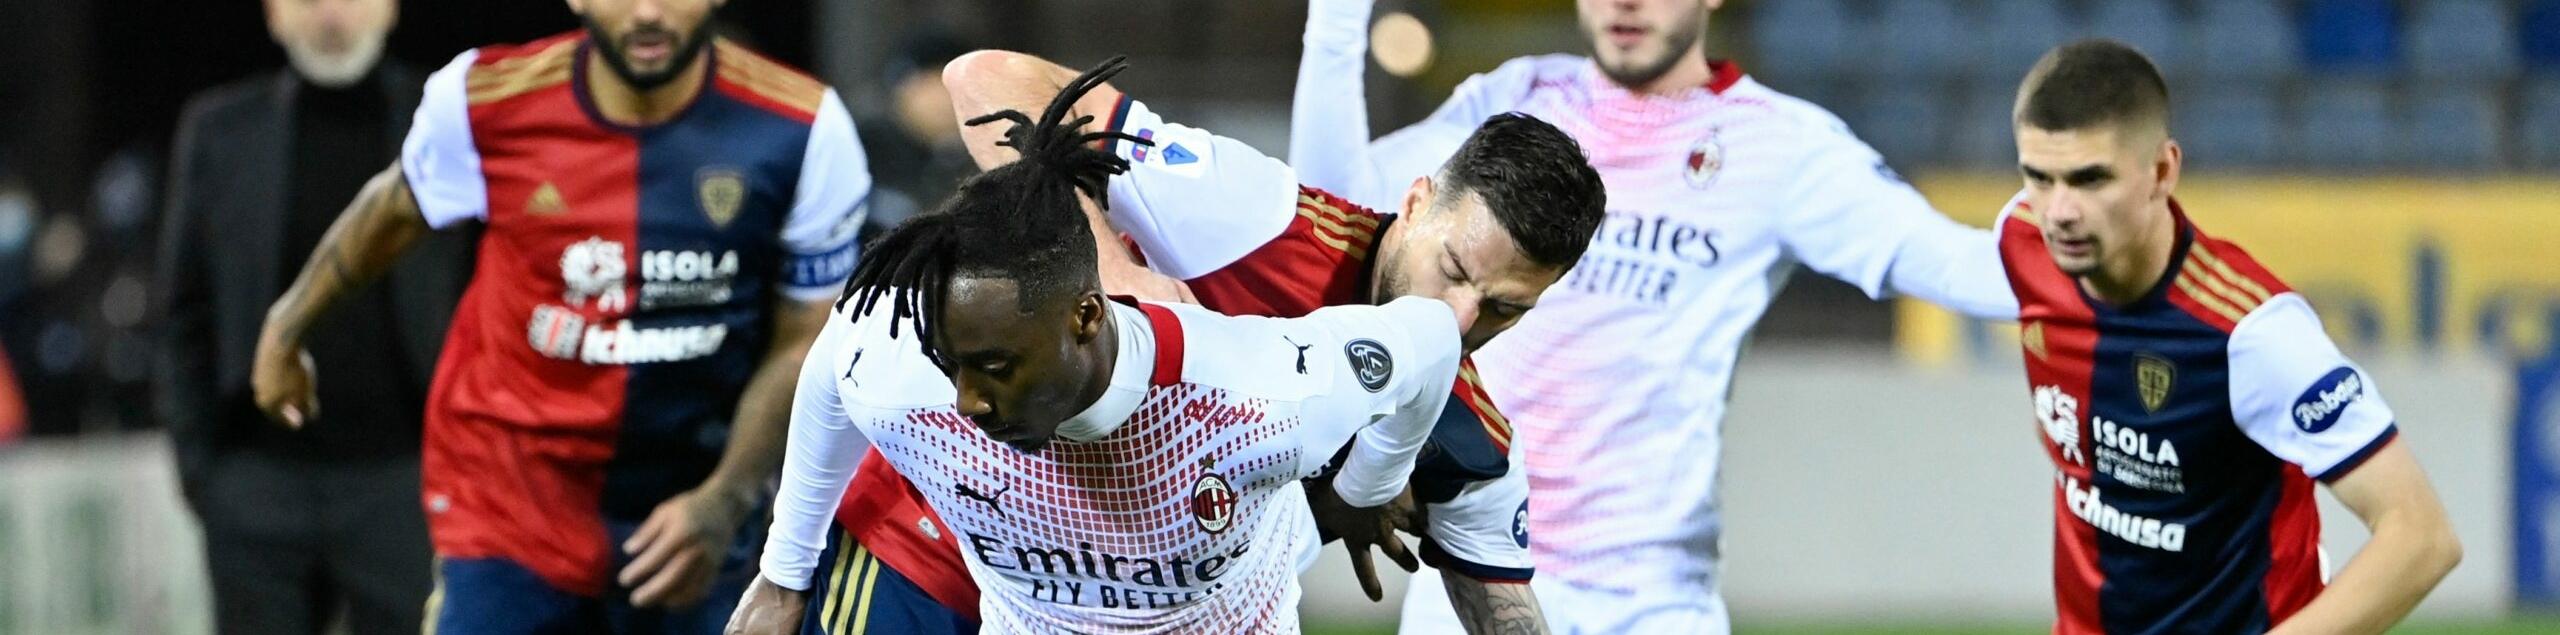 Milan-Cagliari: il Diavolo cerca punti Champions, gli isolani punti salvezza